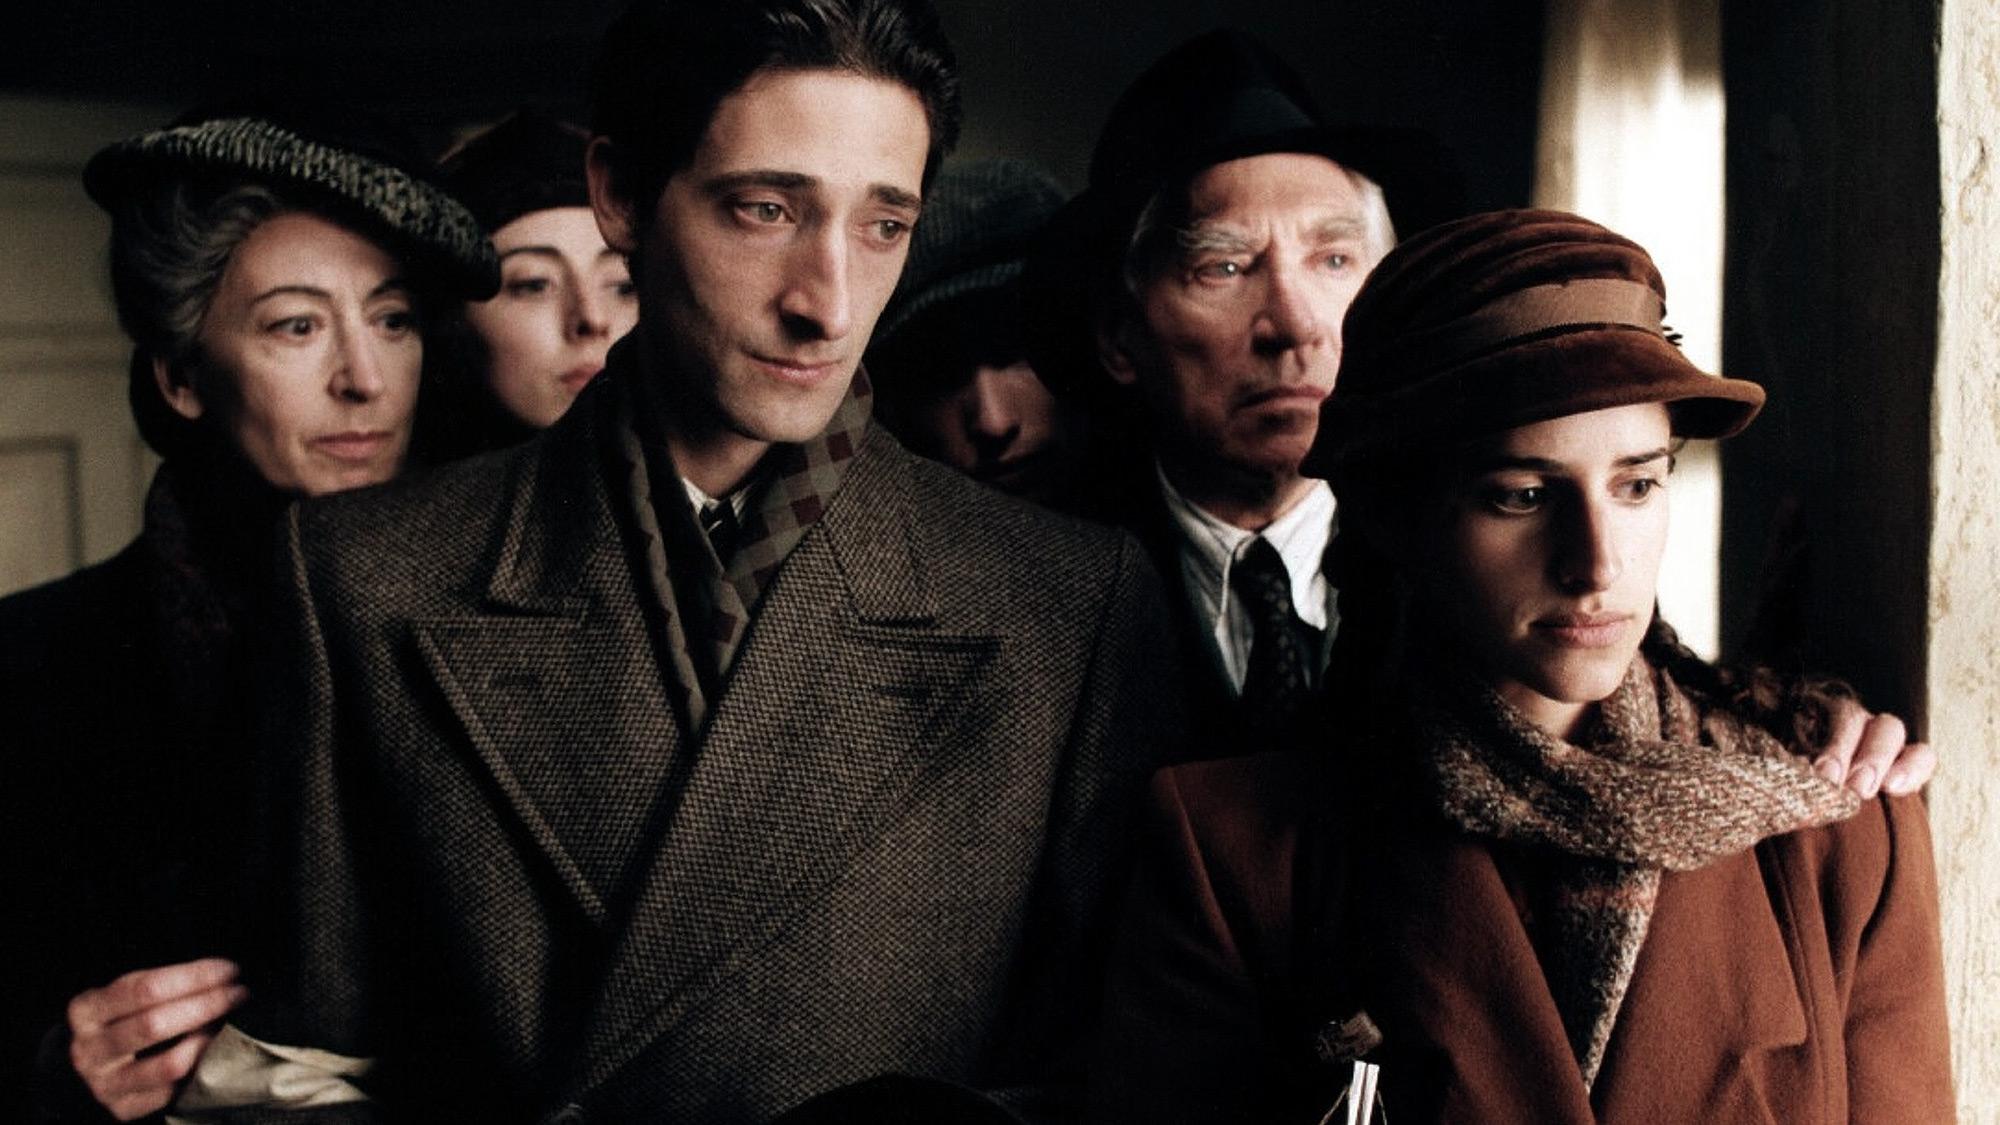 Resultado de imagem para the pianist movie